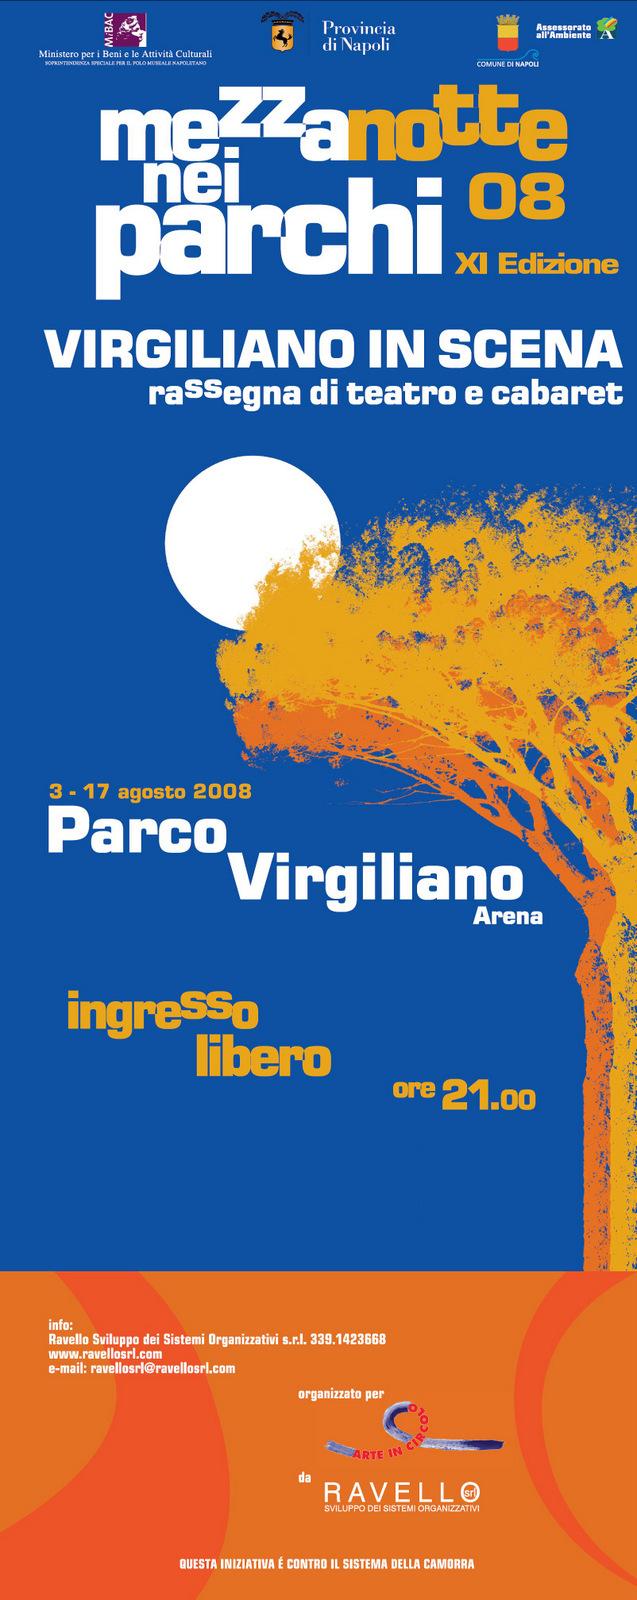 Virgiliano in scena 2008